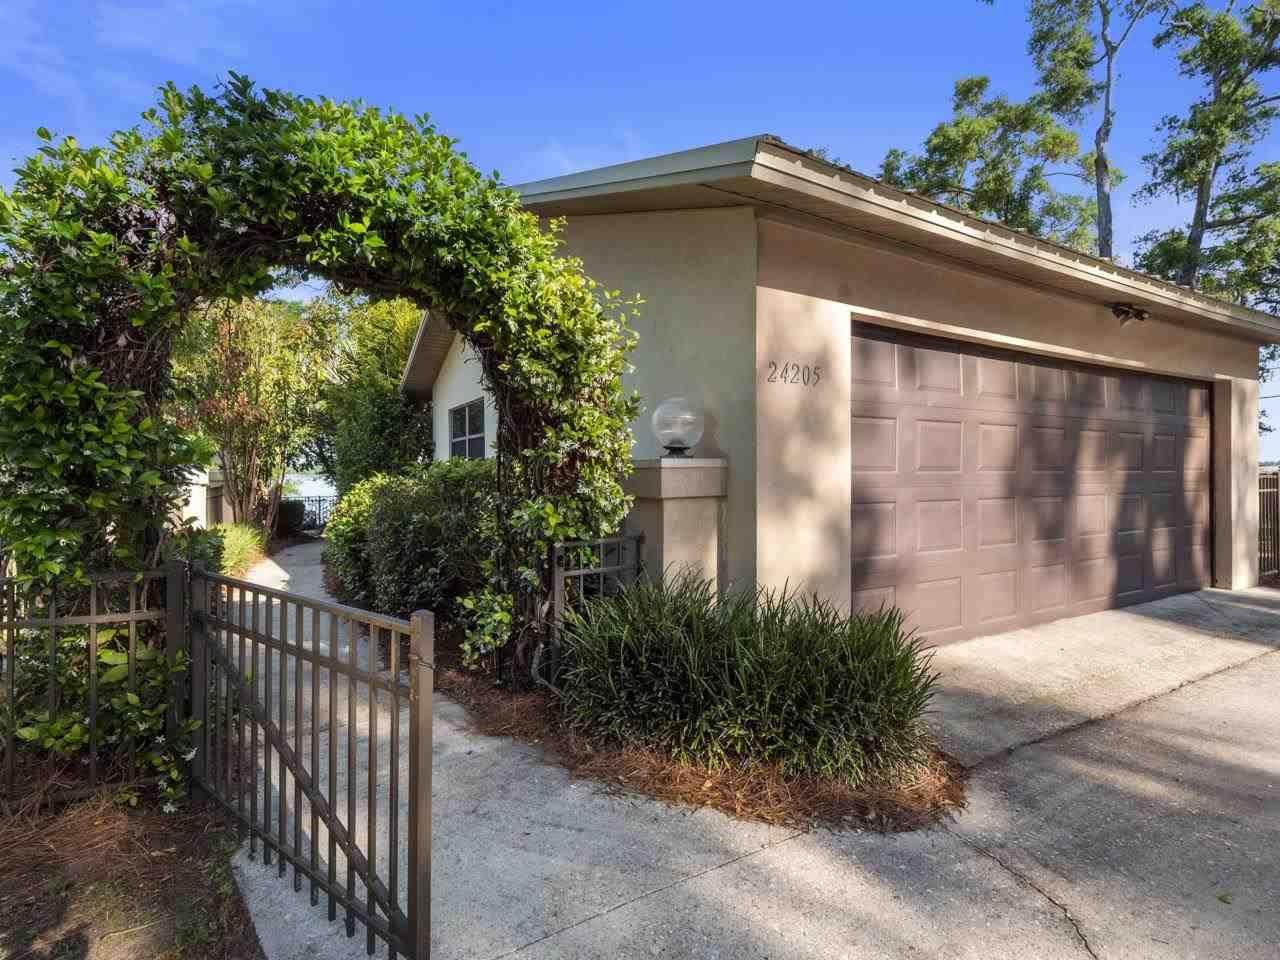 Photo of 24205 Lone Star Road, TALLAHASSEE, FL 32310 (MLS # 332098)